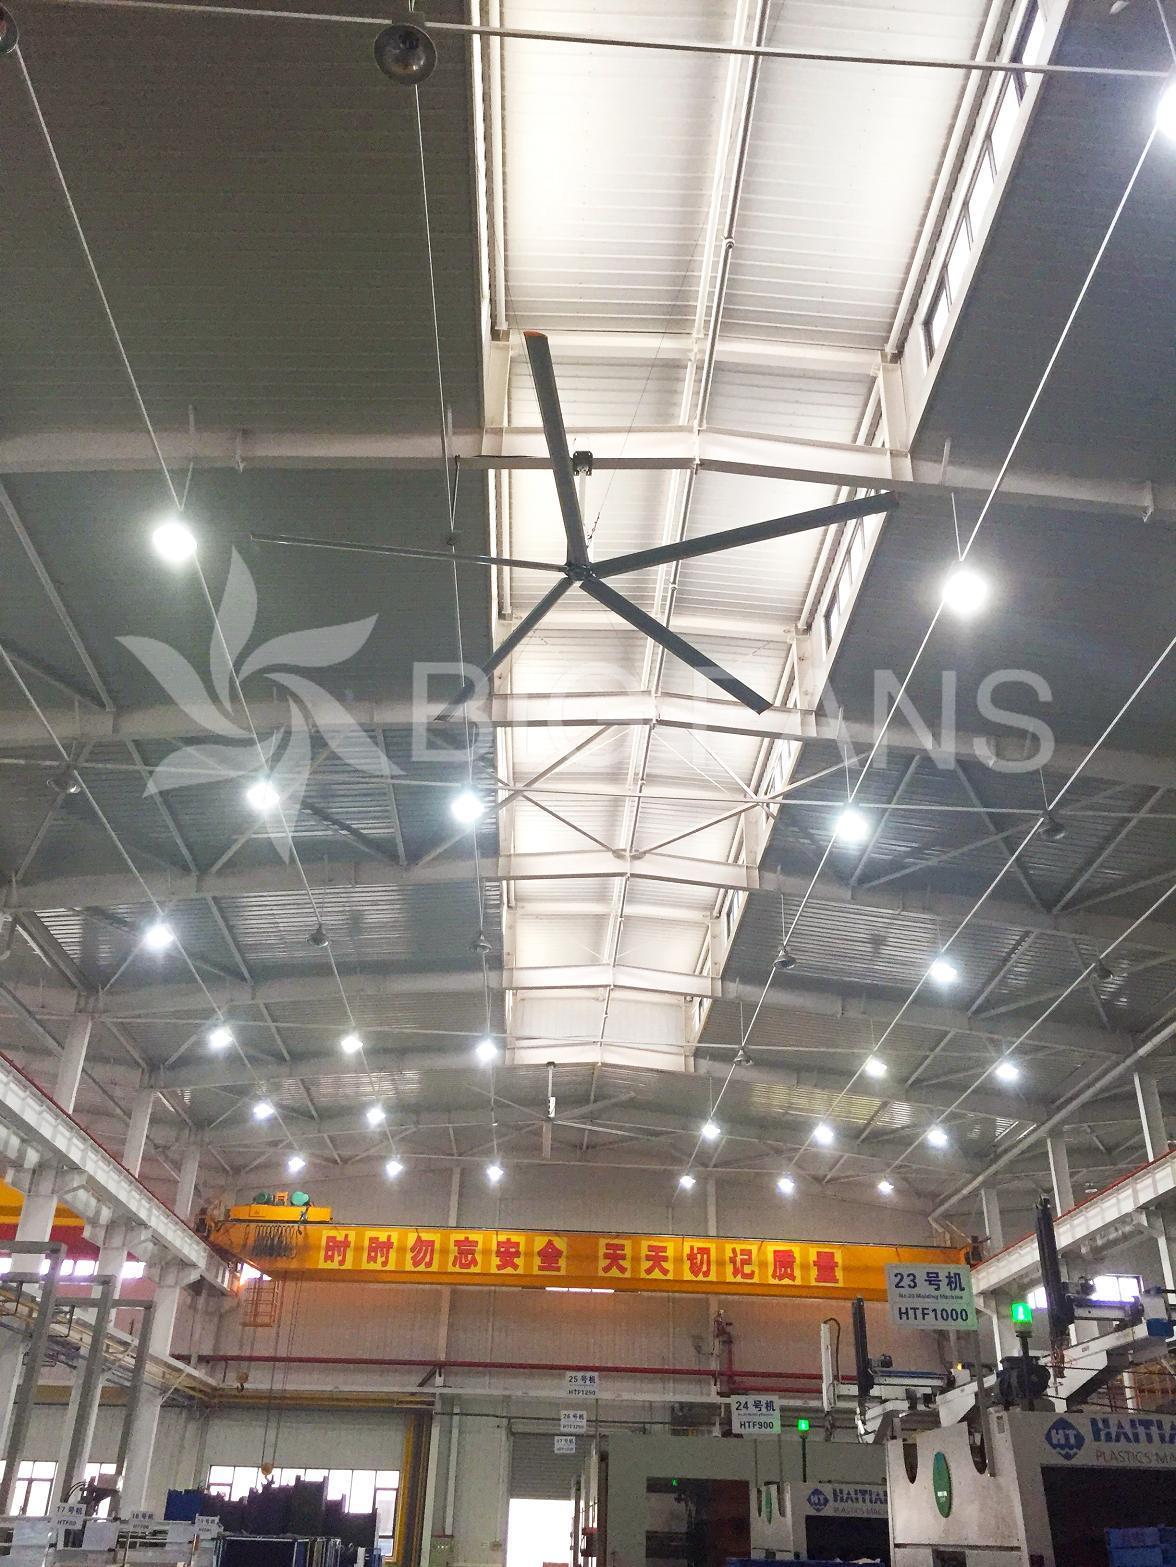 Bigfans 7.4m 380VAC Hvls Big Industrial Ceiling Fan